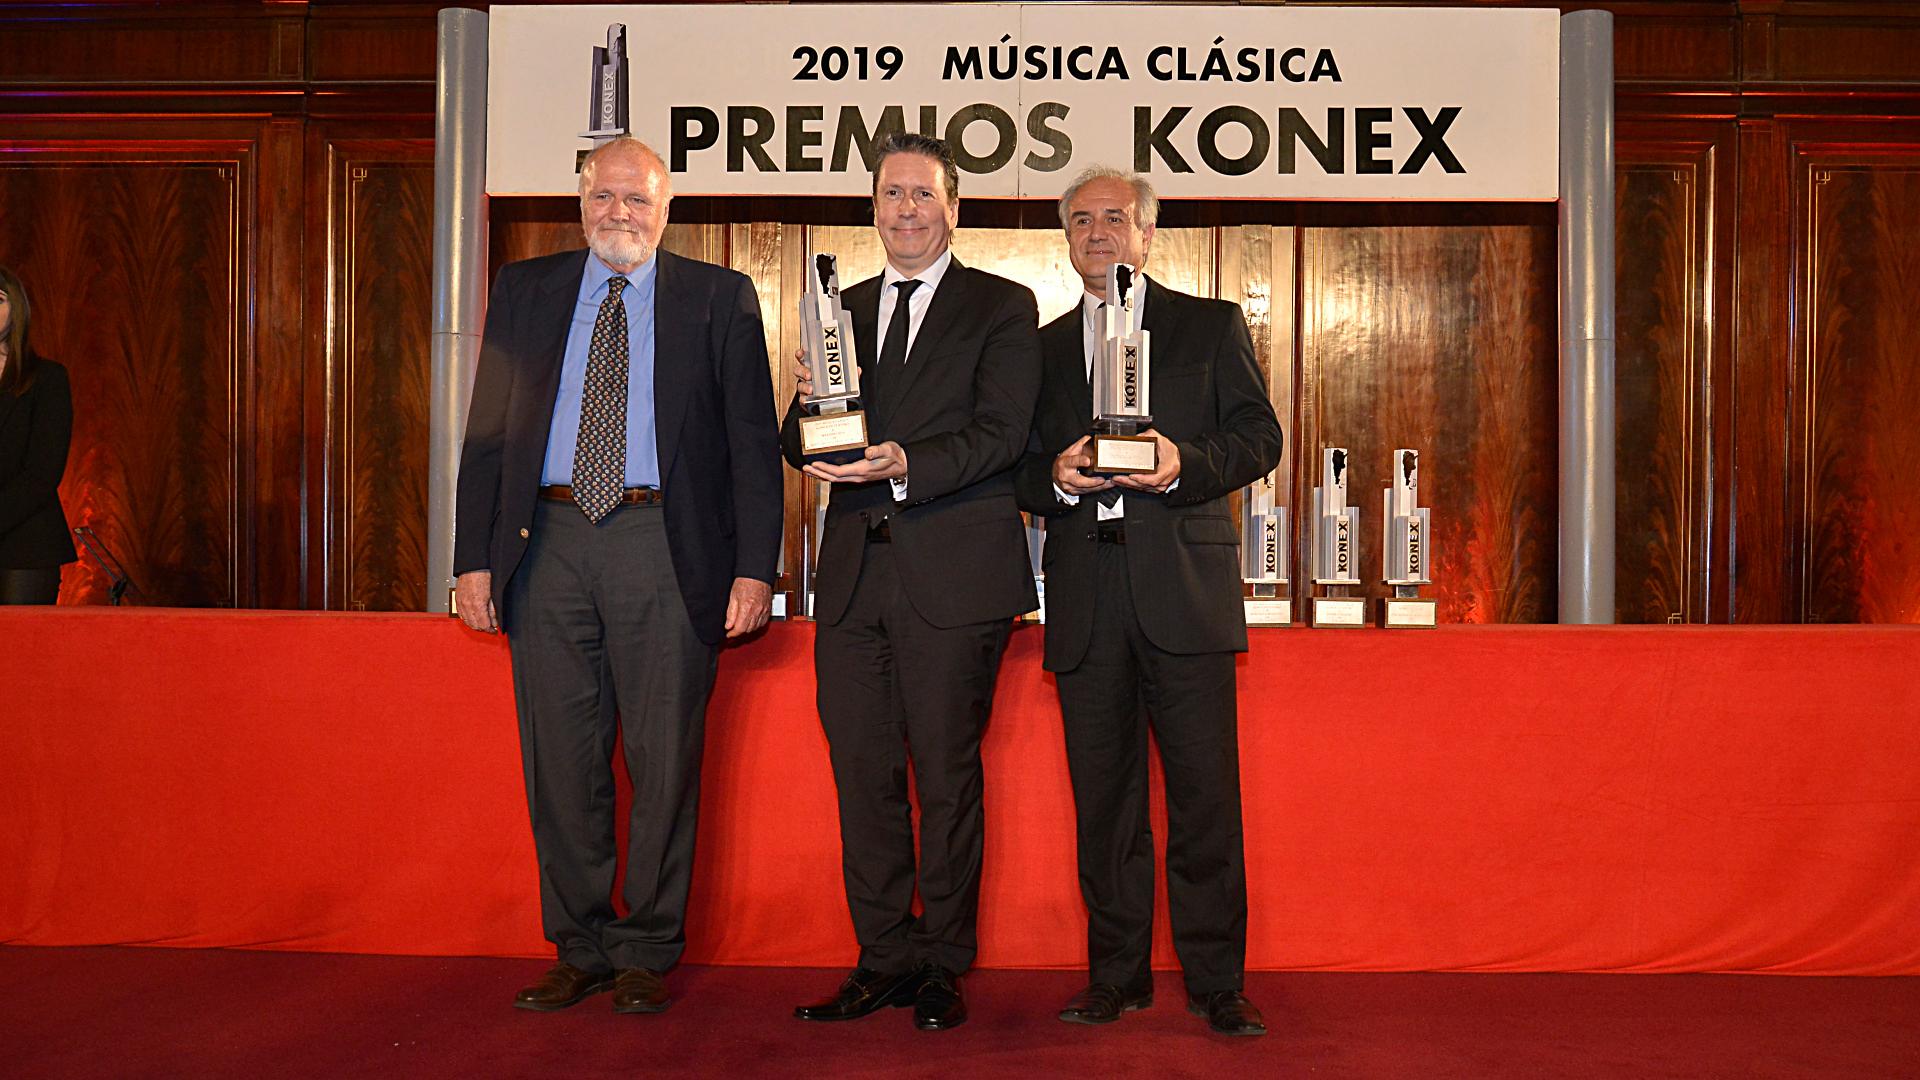 Los instrumentistas de viento, Jorge de la Vega y Mariano Rey